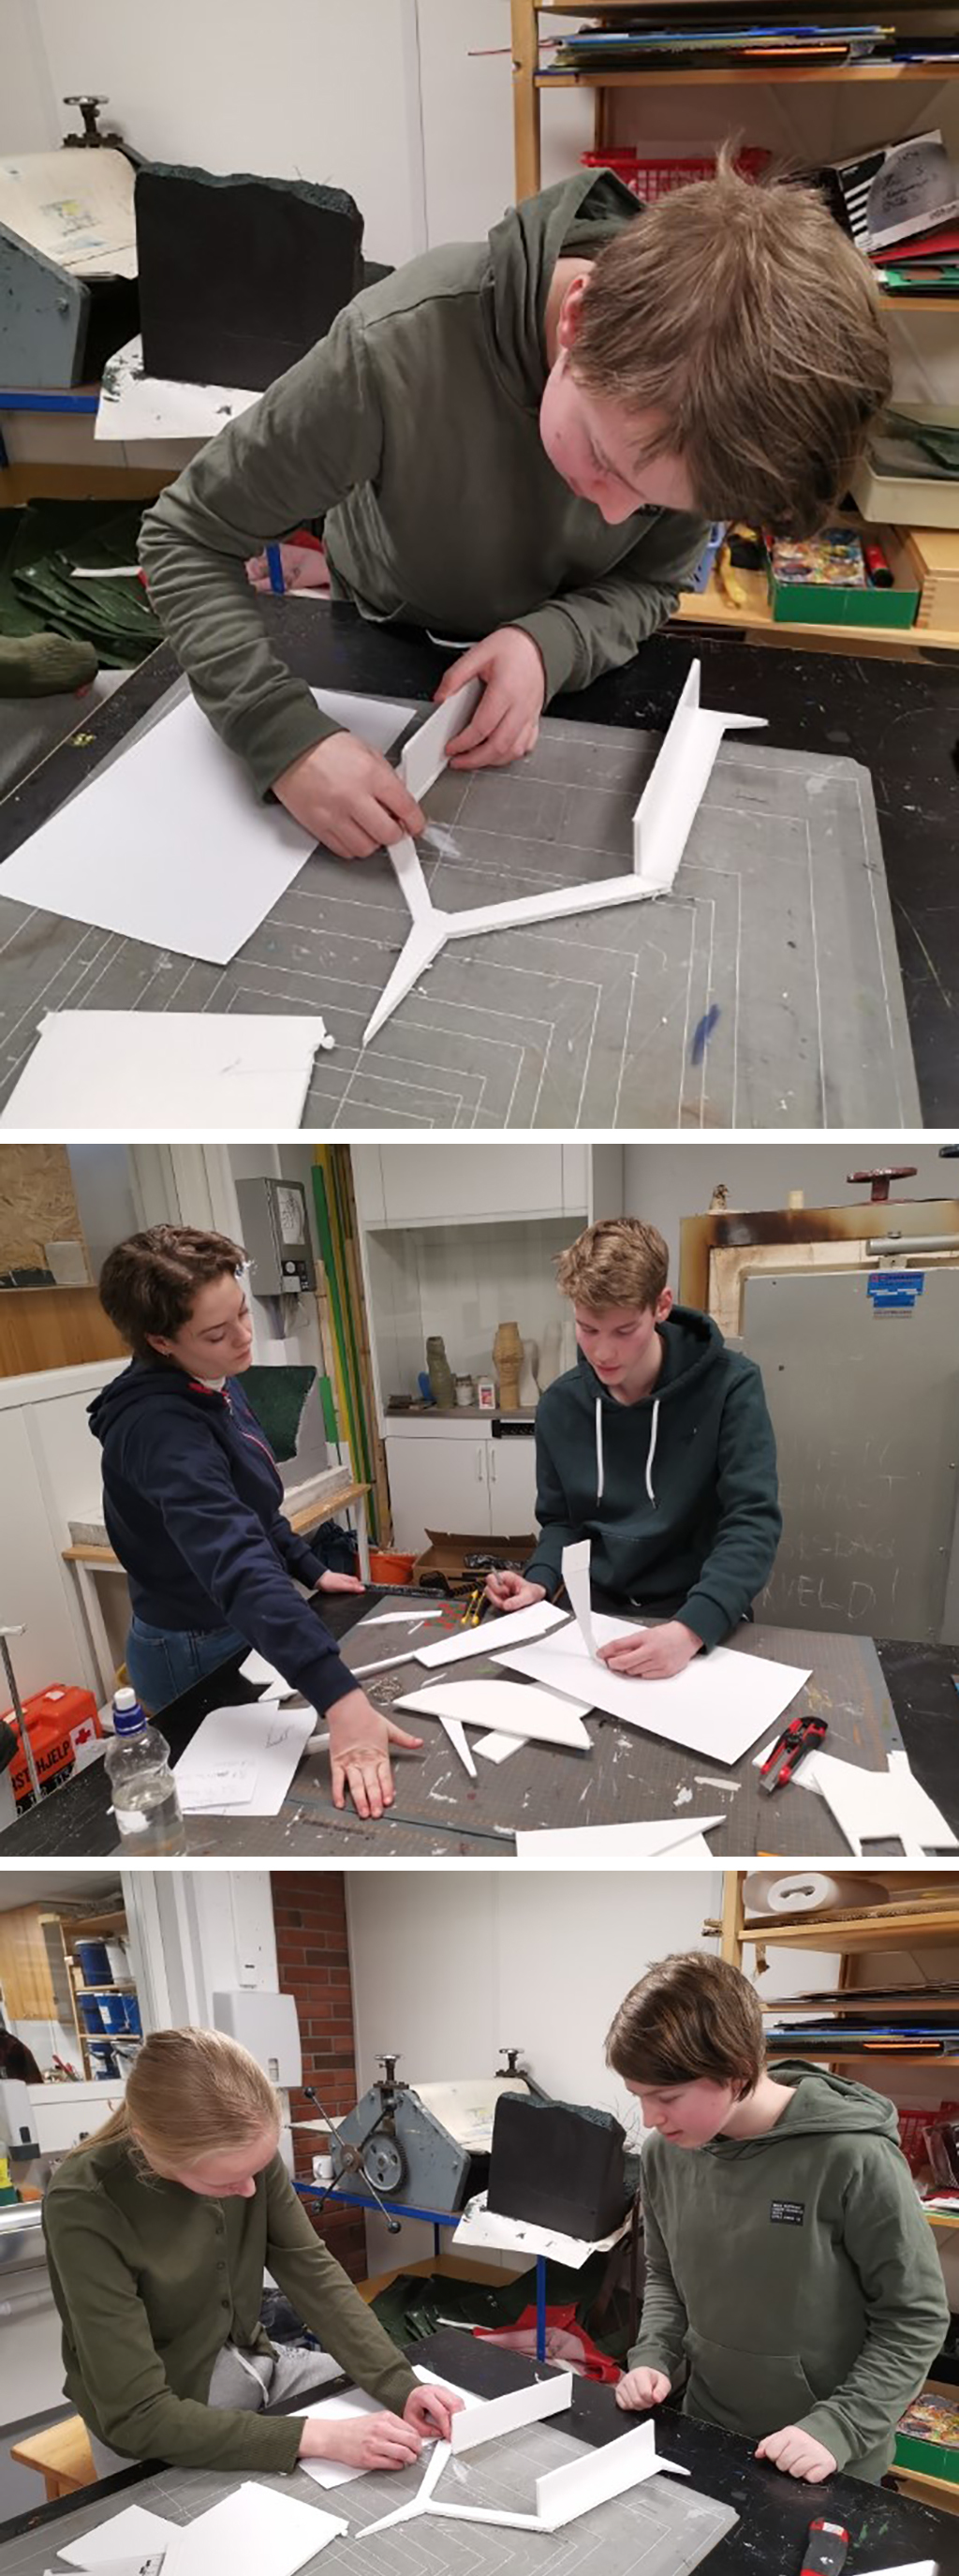 02A Svein collage.jpg